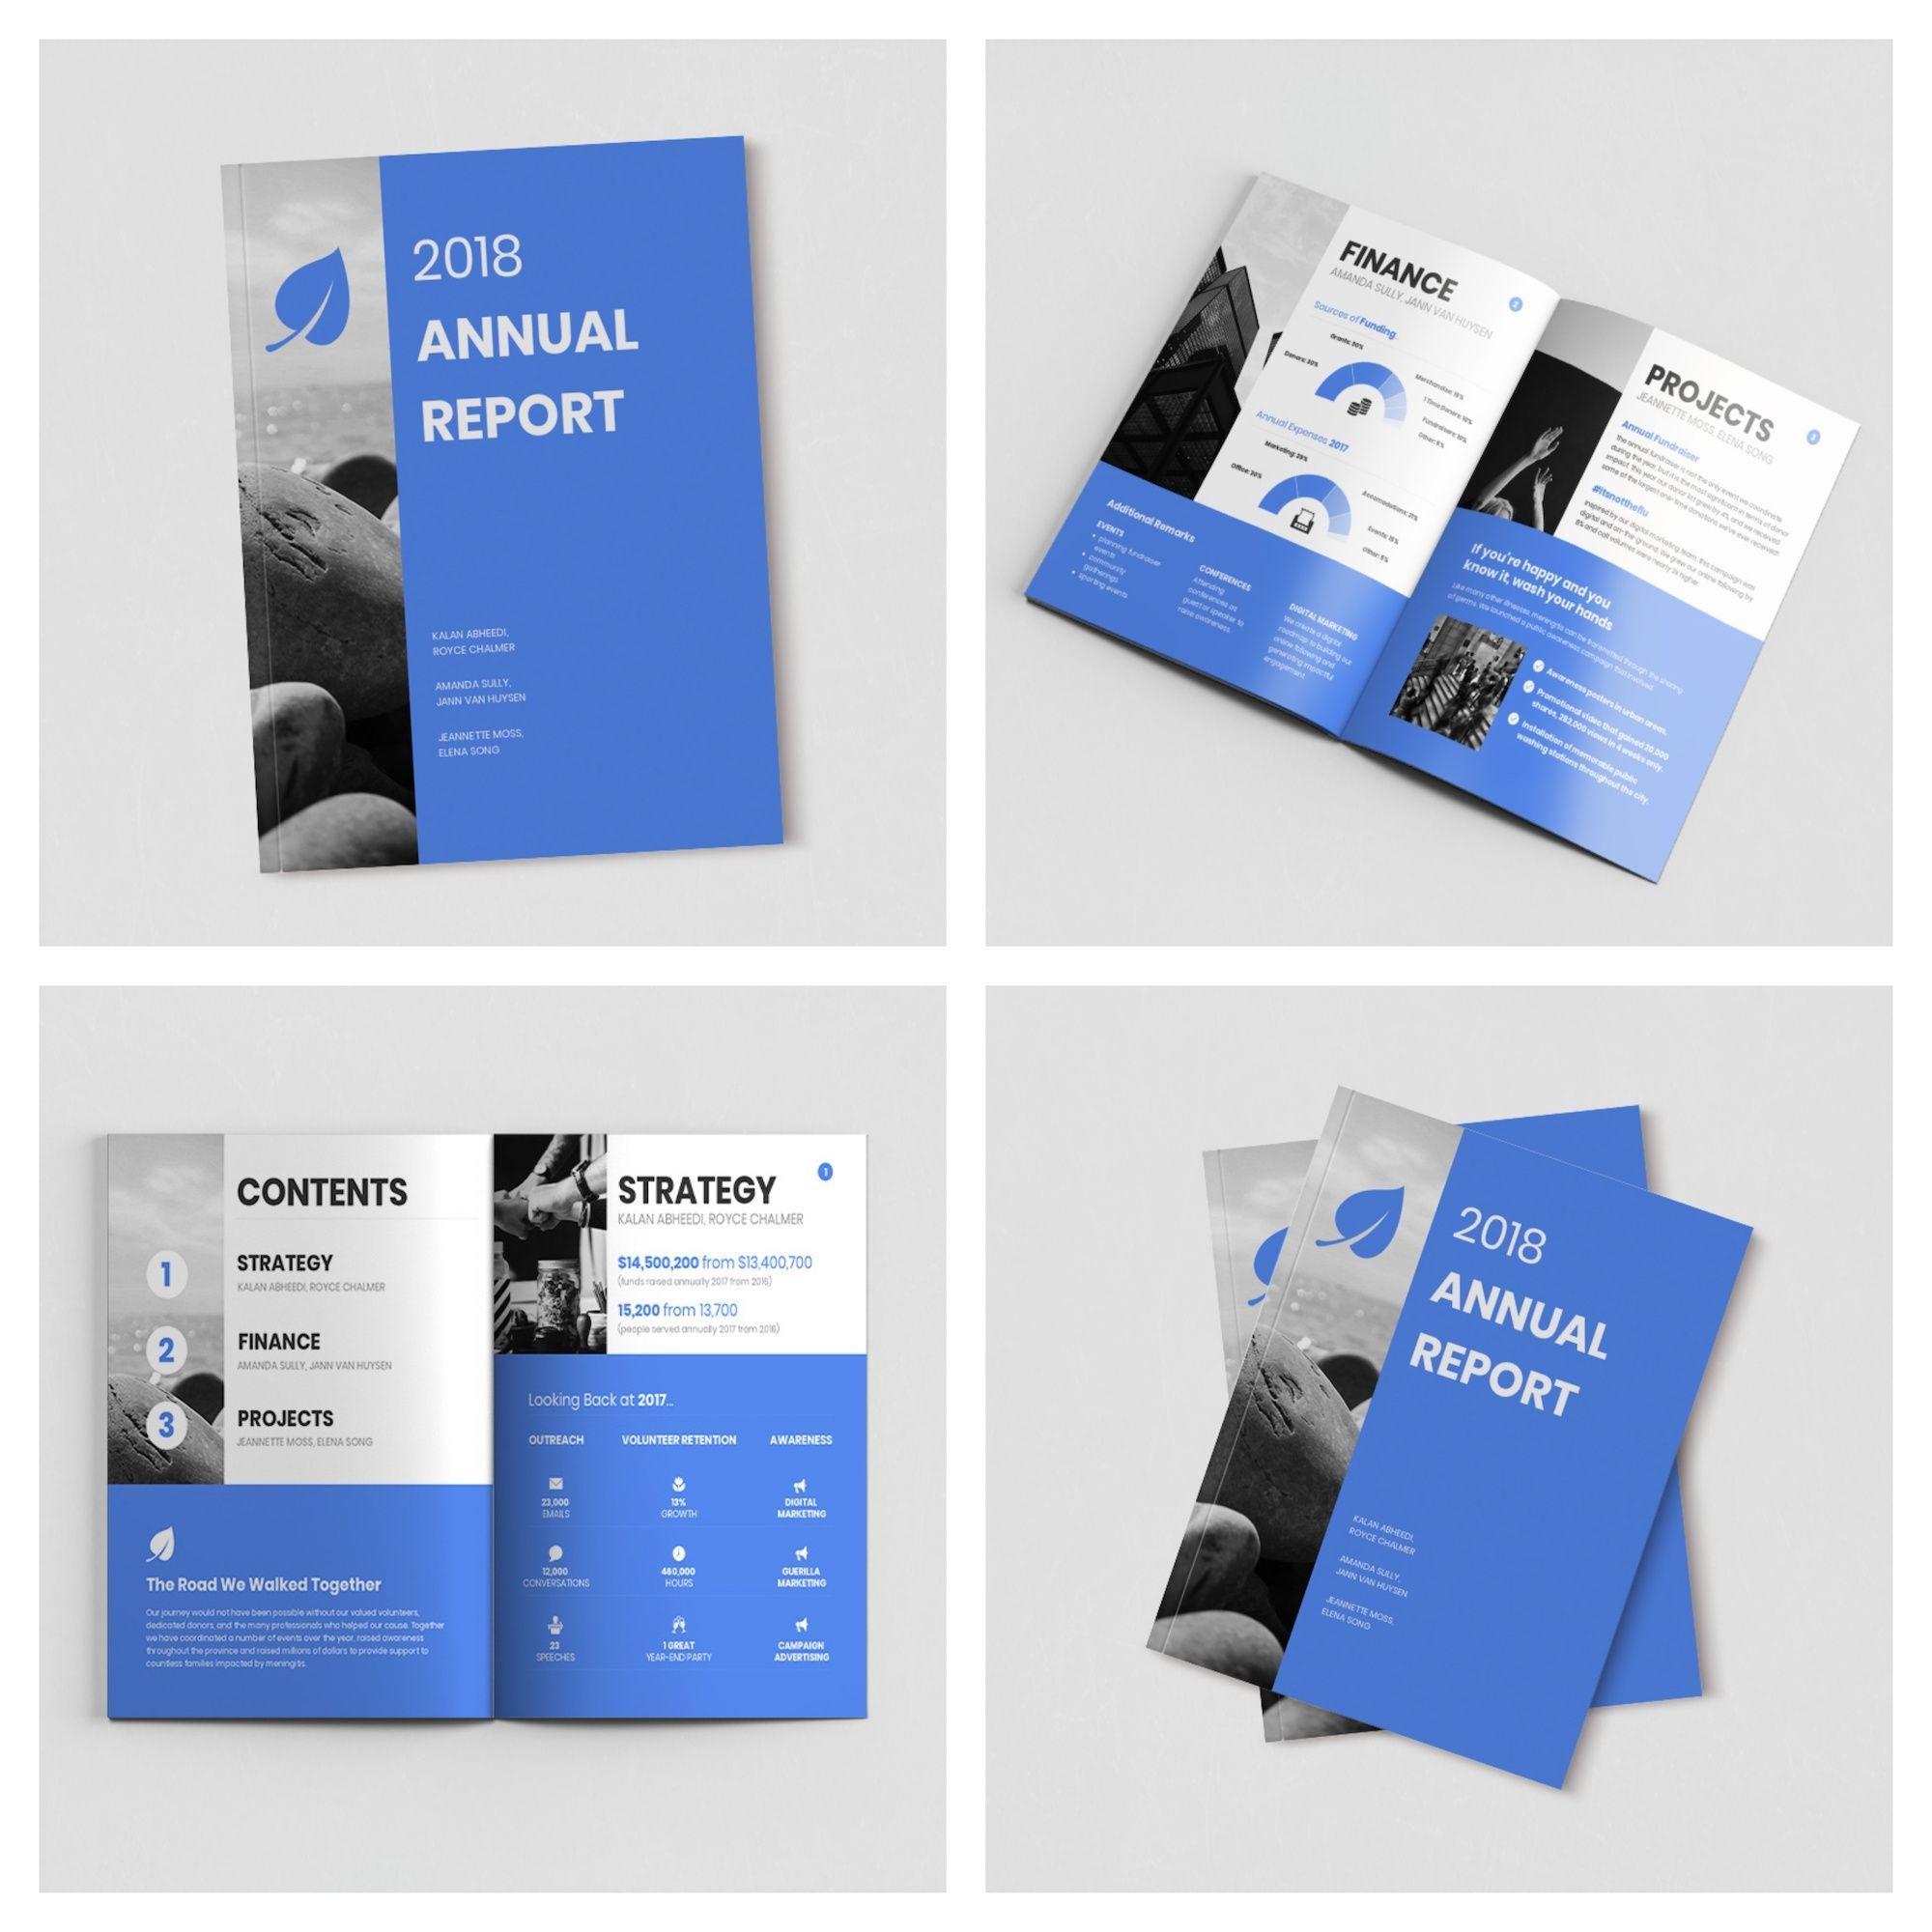 Non Profit Annual Report Template Annualreports Informes Anuales Plantillas De Informes An Nonprofit Annual Report Design Annual Report Design Annual Report